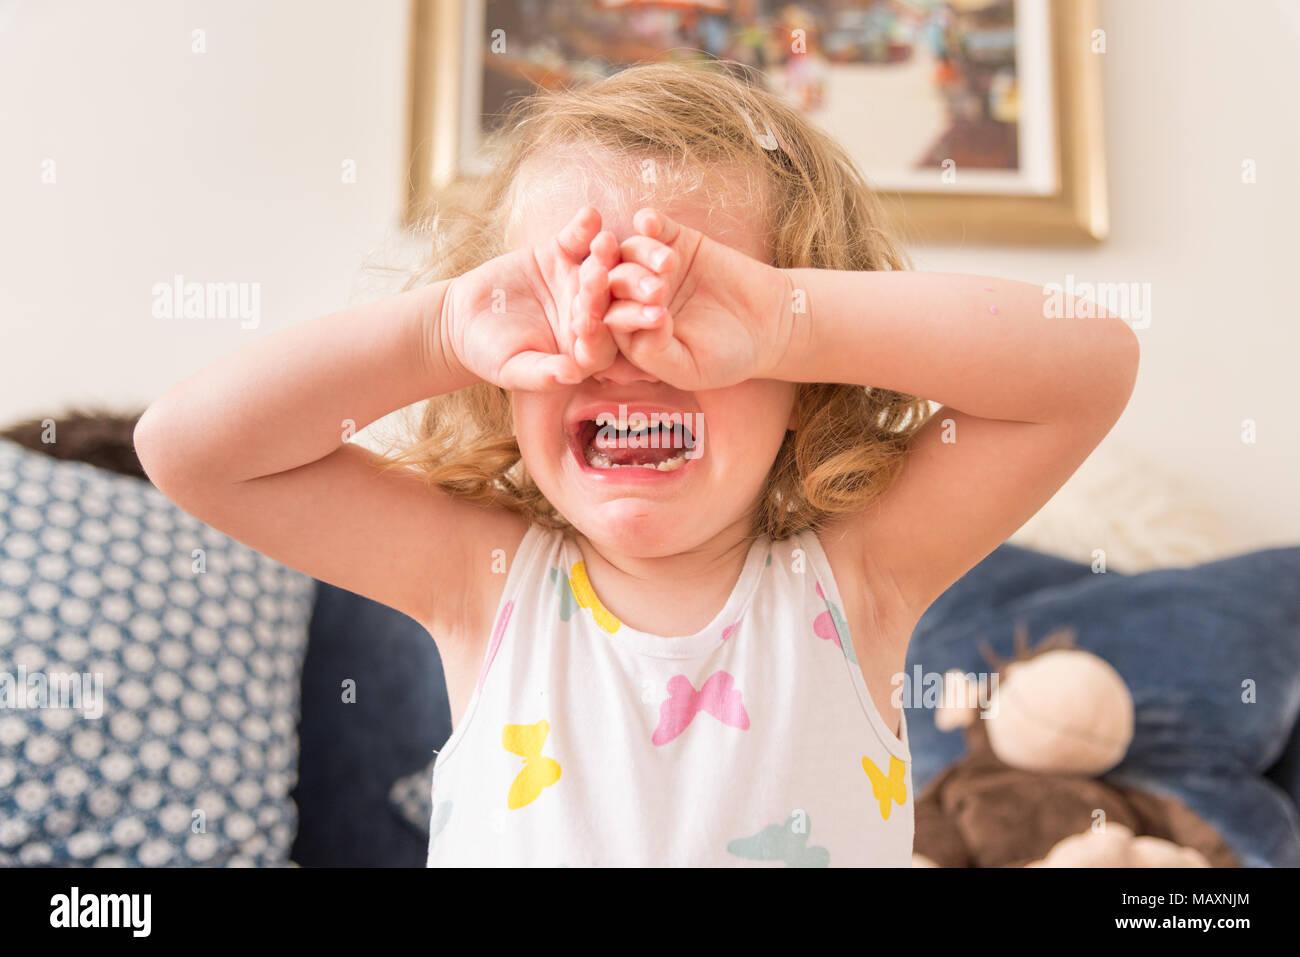 Tre anni di bambino sconvolto e pianto, REGNO UNITO Immagini Stock